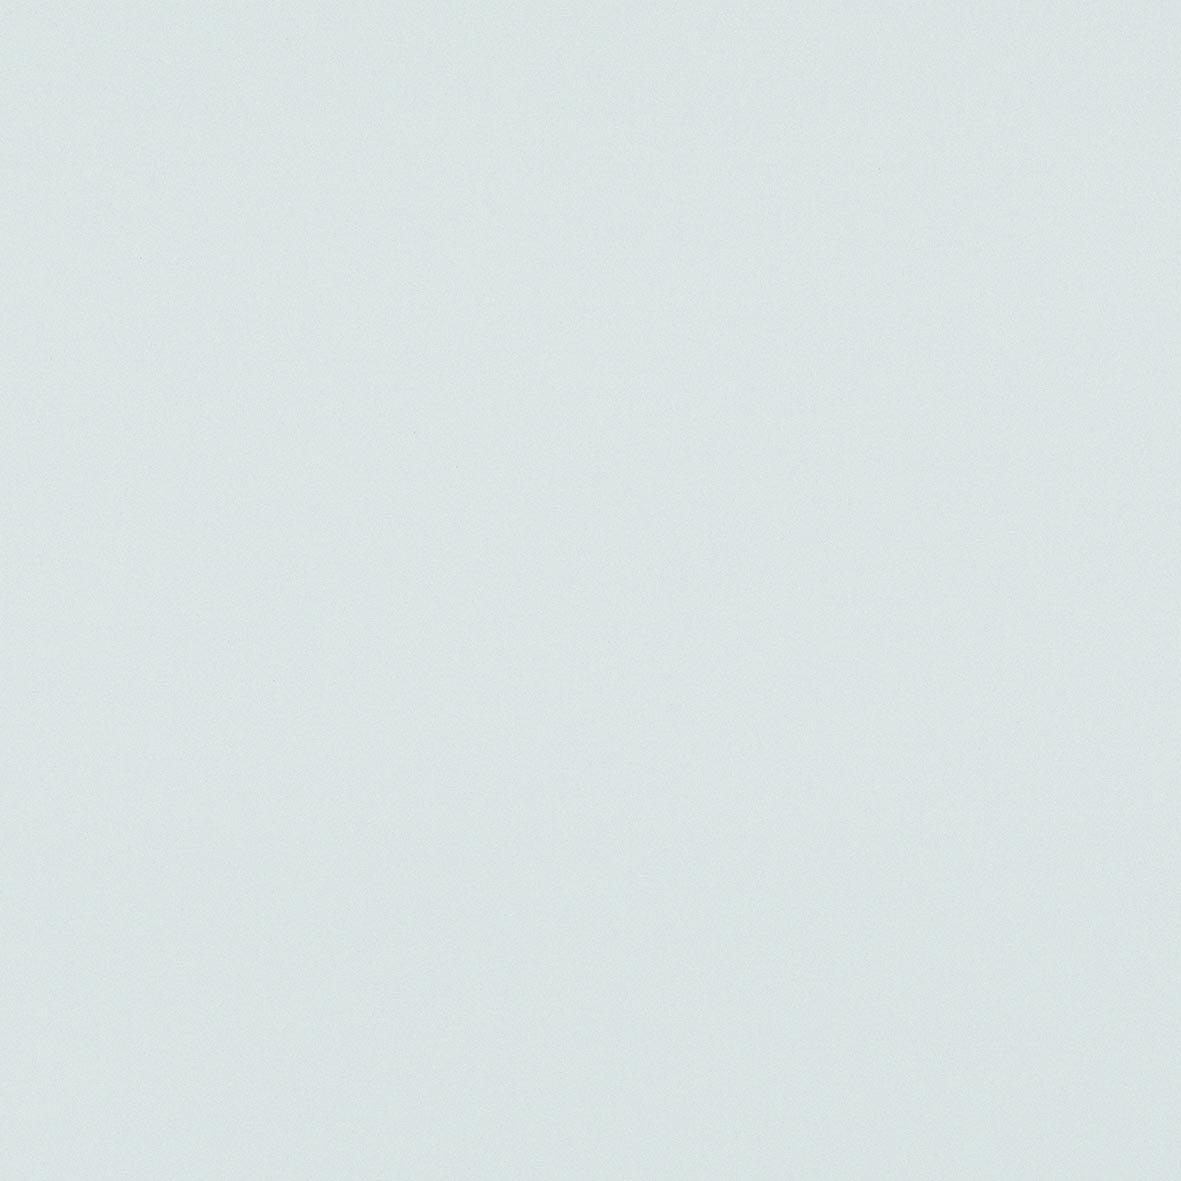 リリカラ 壁紙18m シンフル 無地 ホワイト MORRIS & Co.  -Licensed CollectionLW-2574 B075ZYPBKV